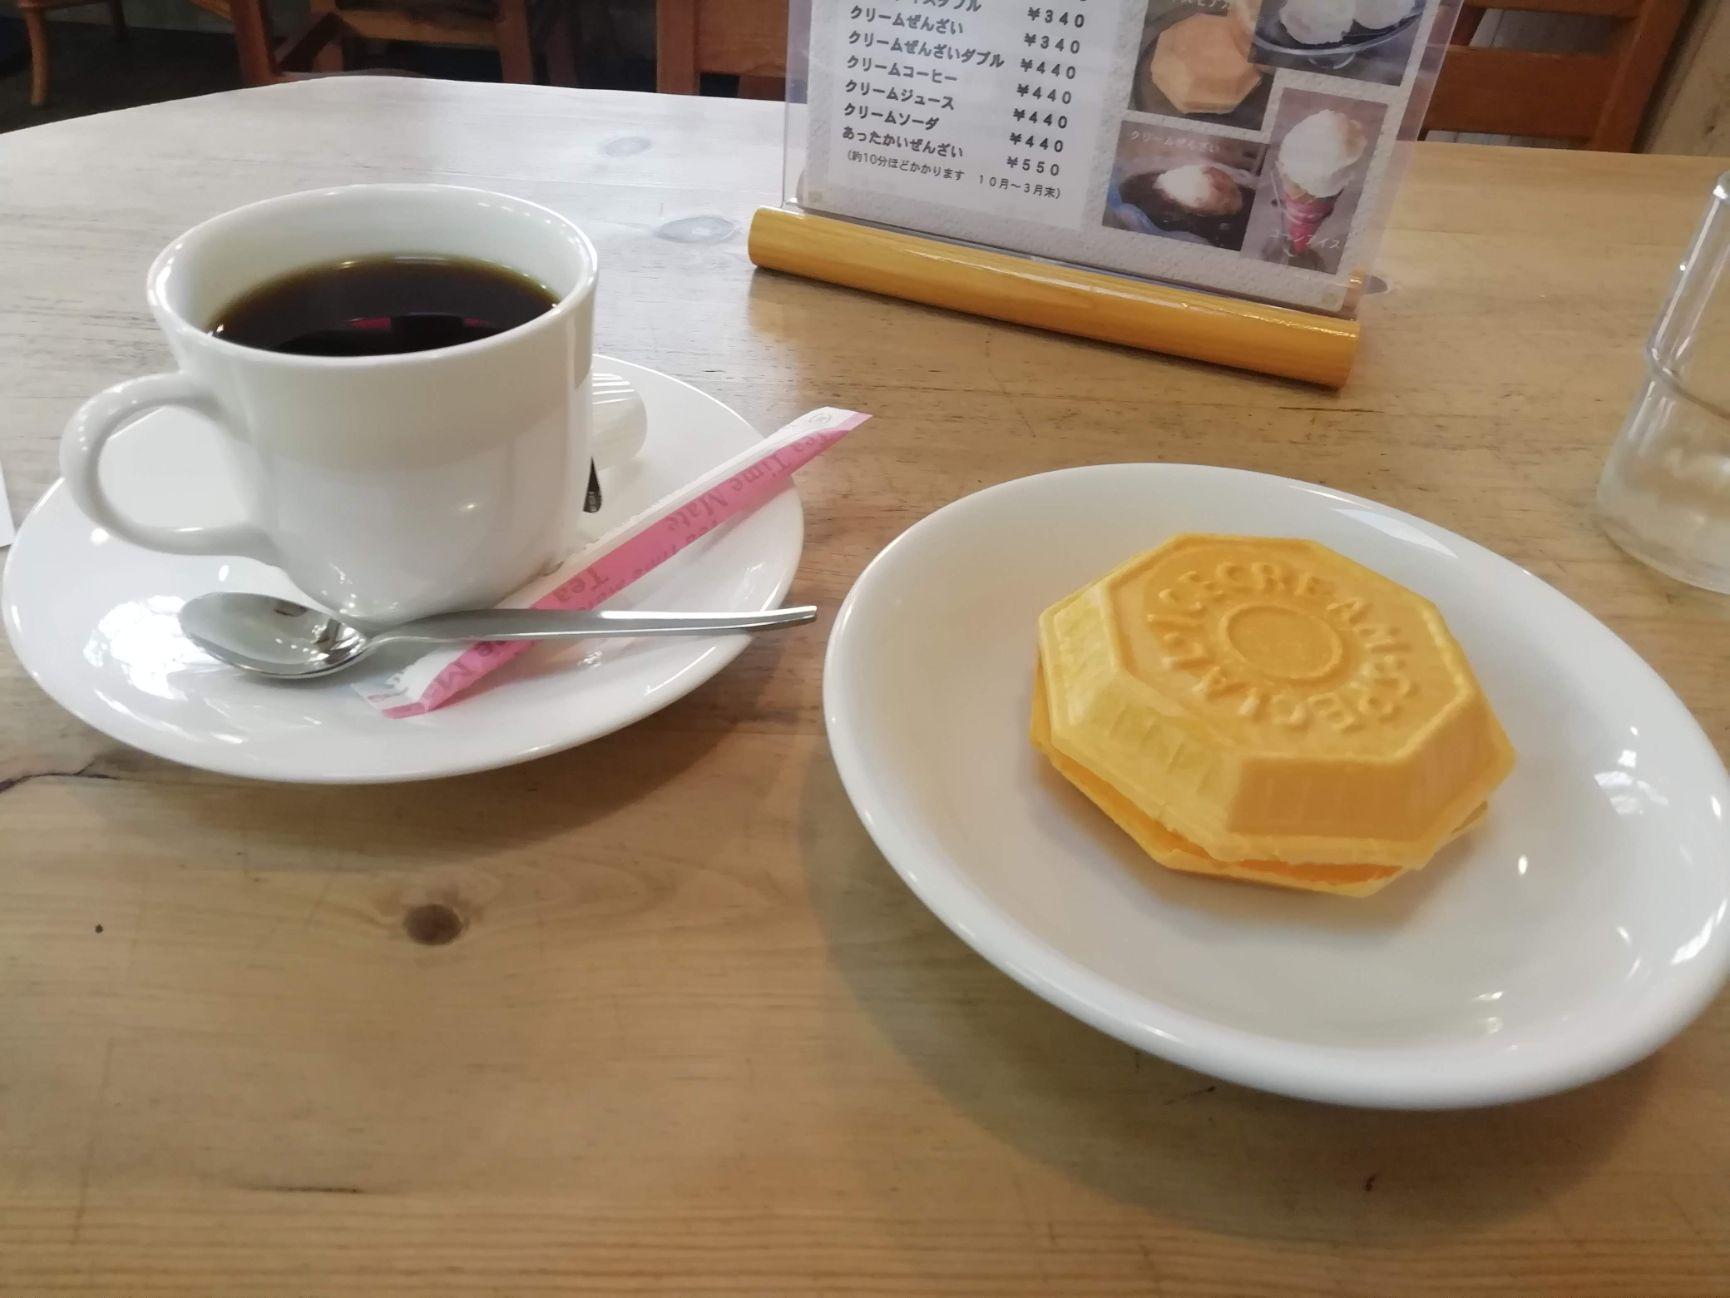 Karasawa Ice Cream Shop